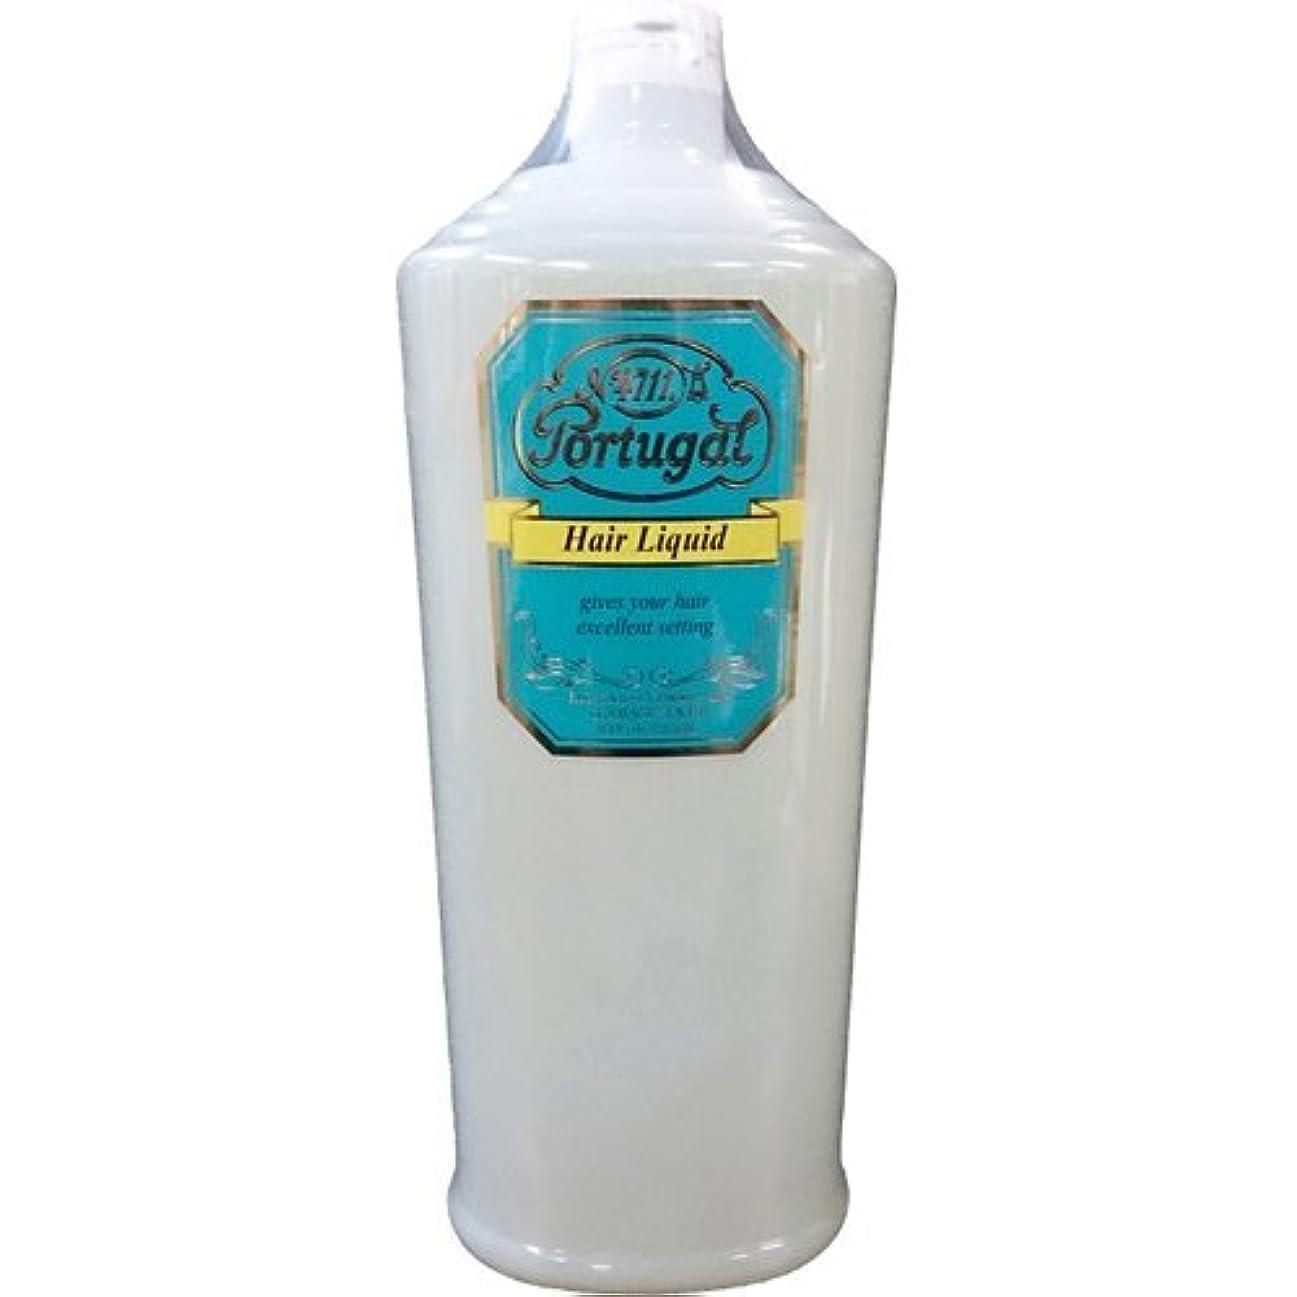 上昇拮抗するブルゴーニュ4711 ポーチュガル ヘアリキッド 950ml